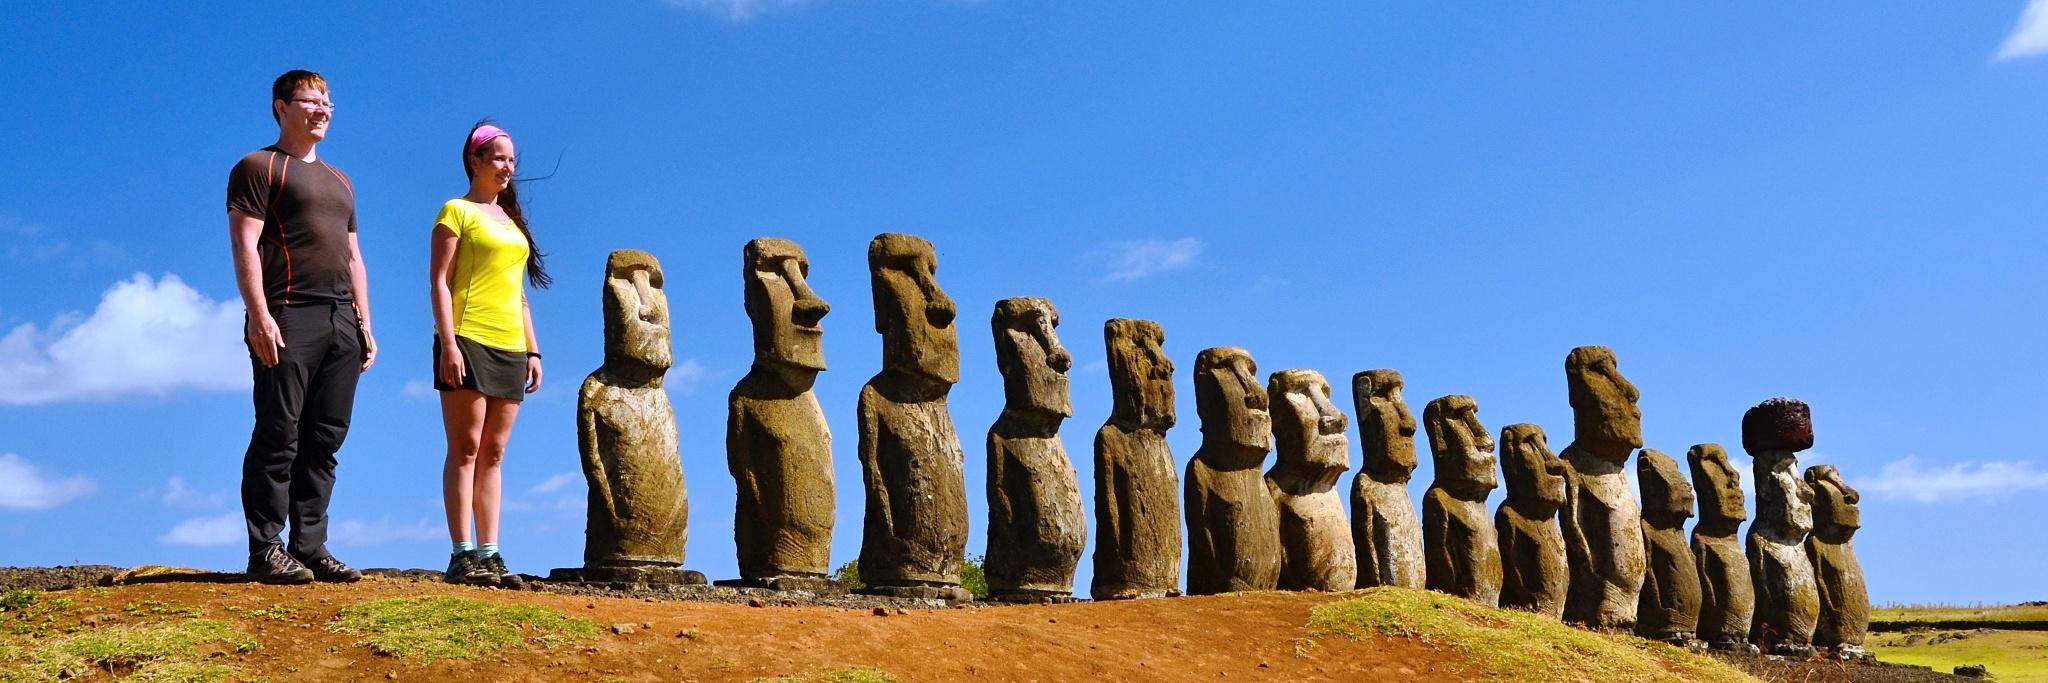 My a sochy na Velikonočním ostrově